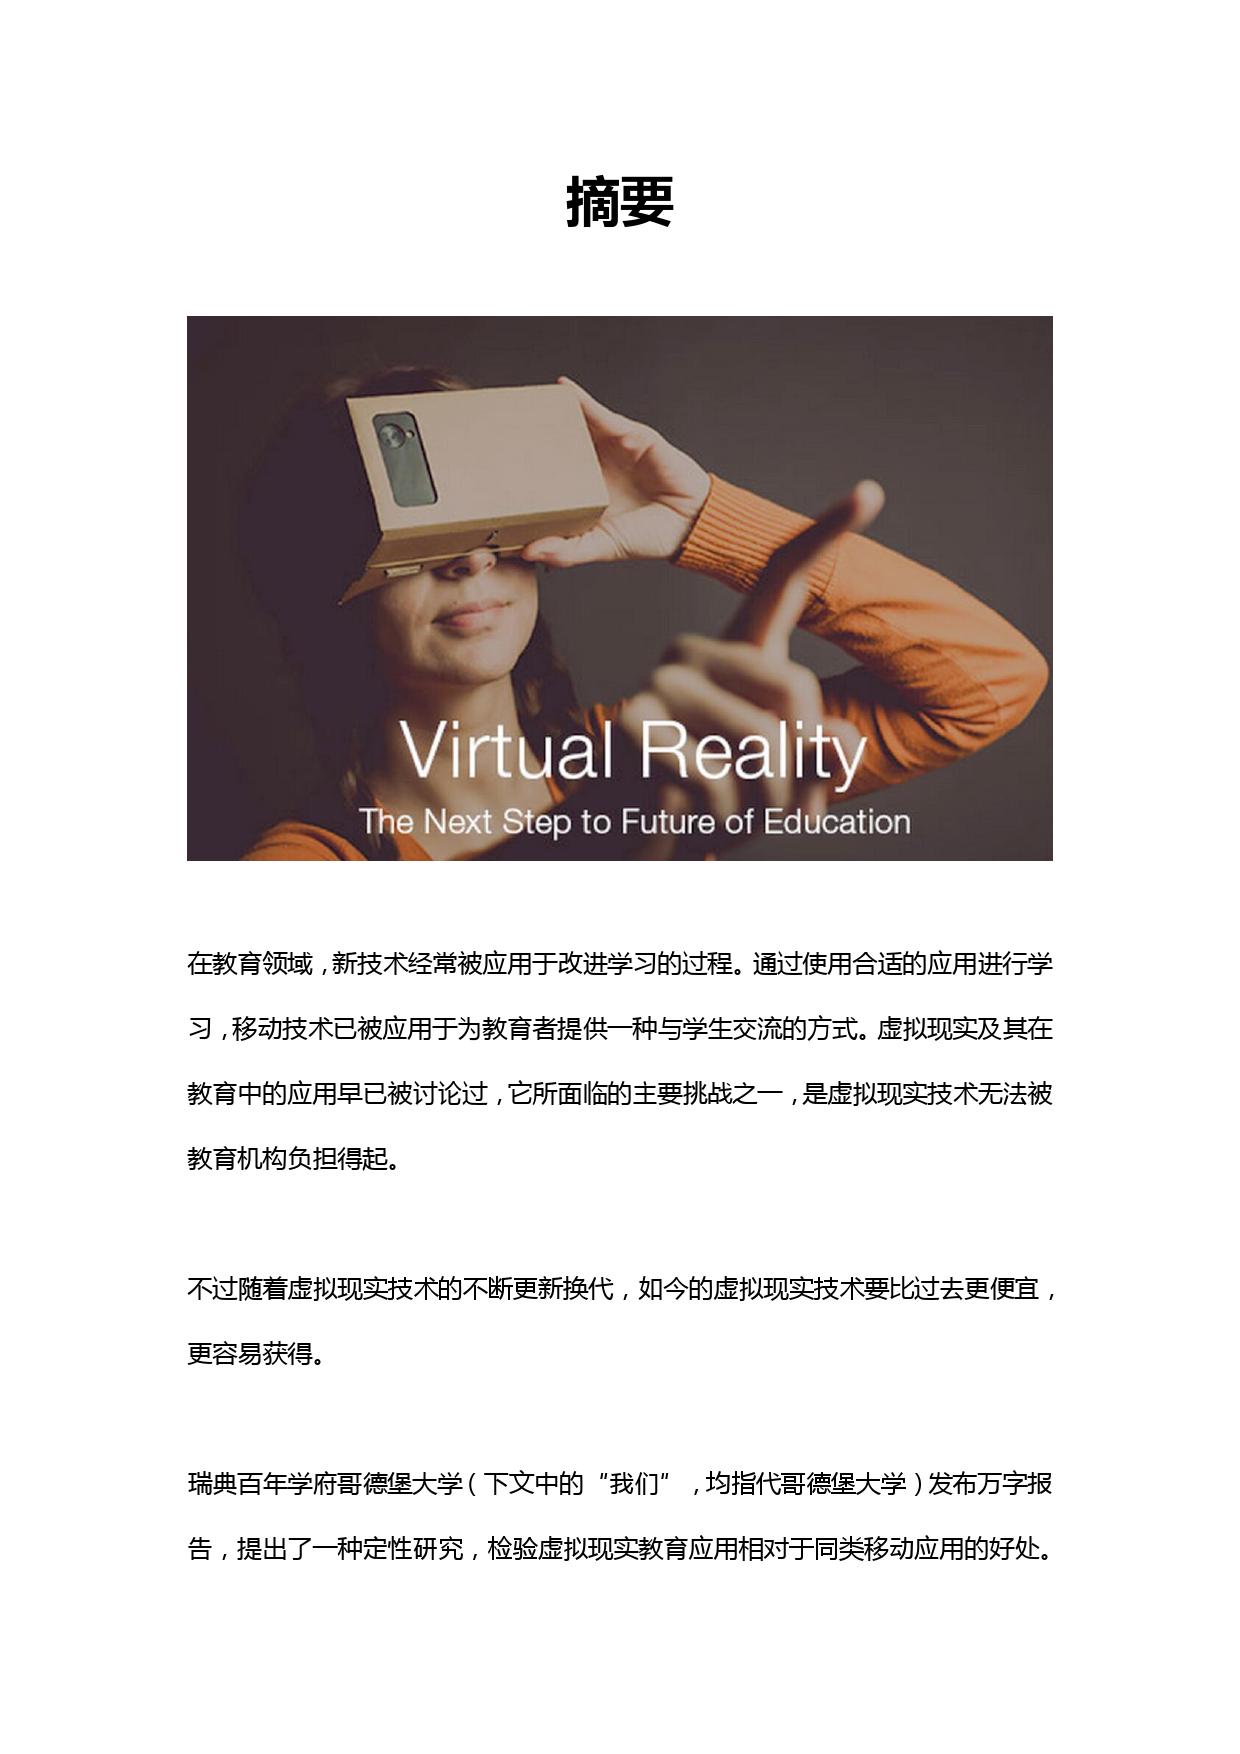 哥德堡大学VR教育研究报告_000001